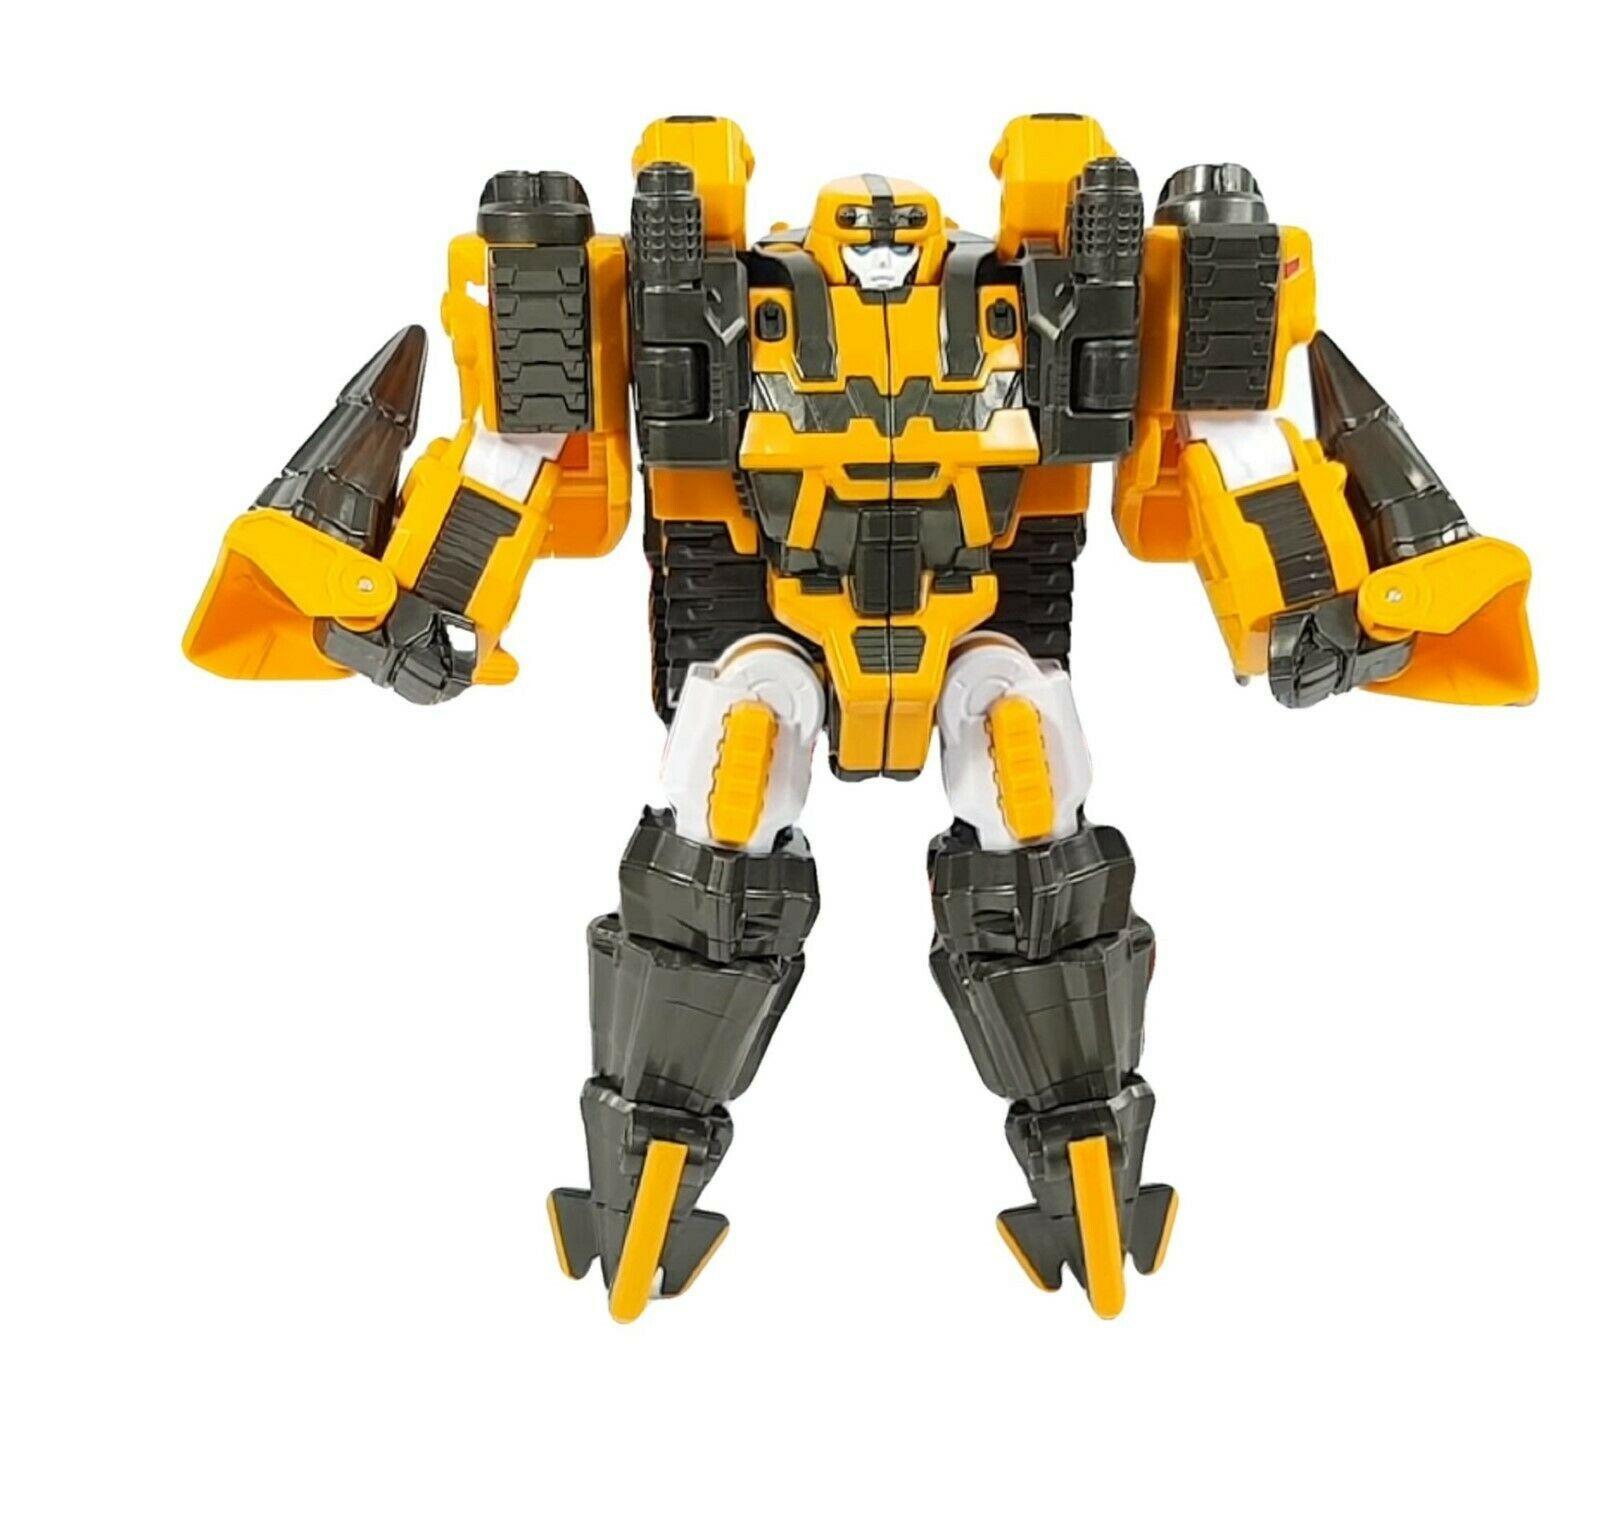 Tobot V Super Driller Transforming Trasformation Action Figure Toy Robot